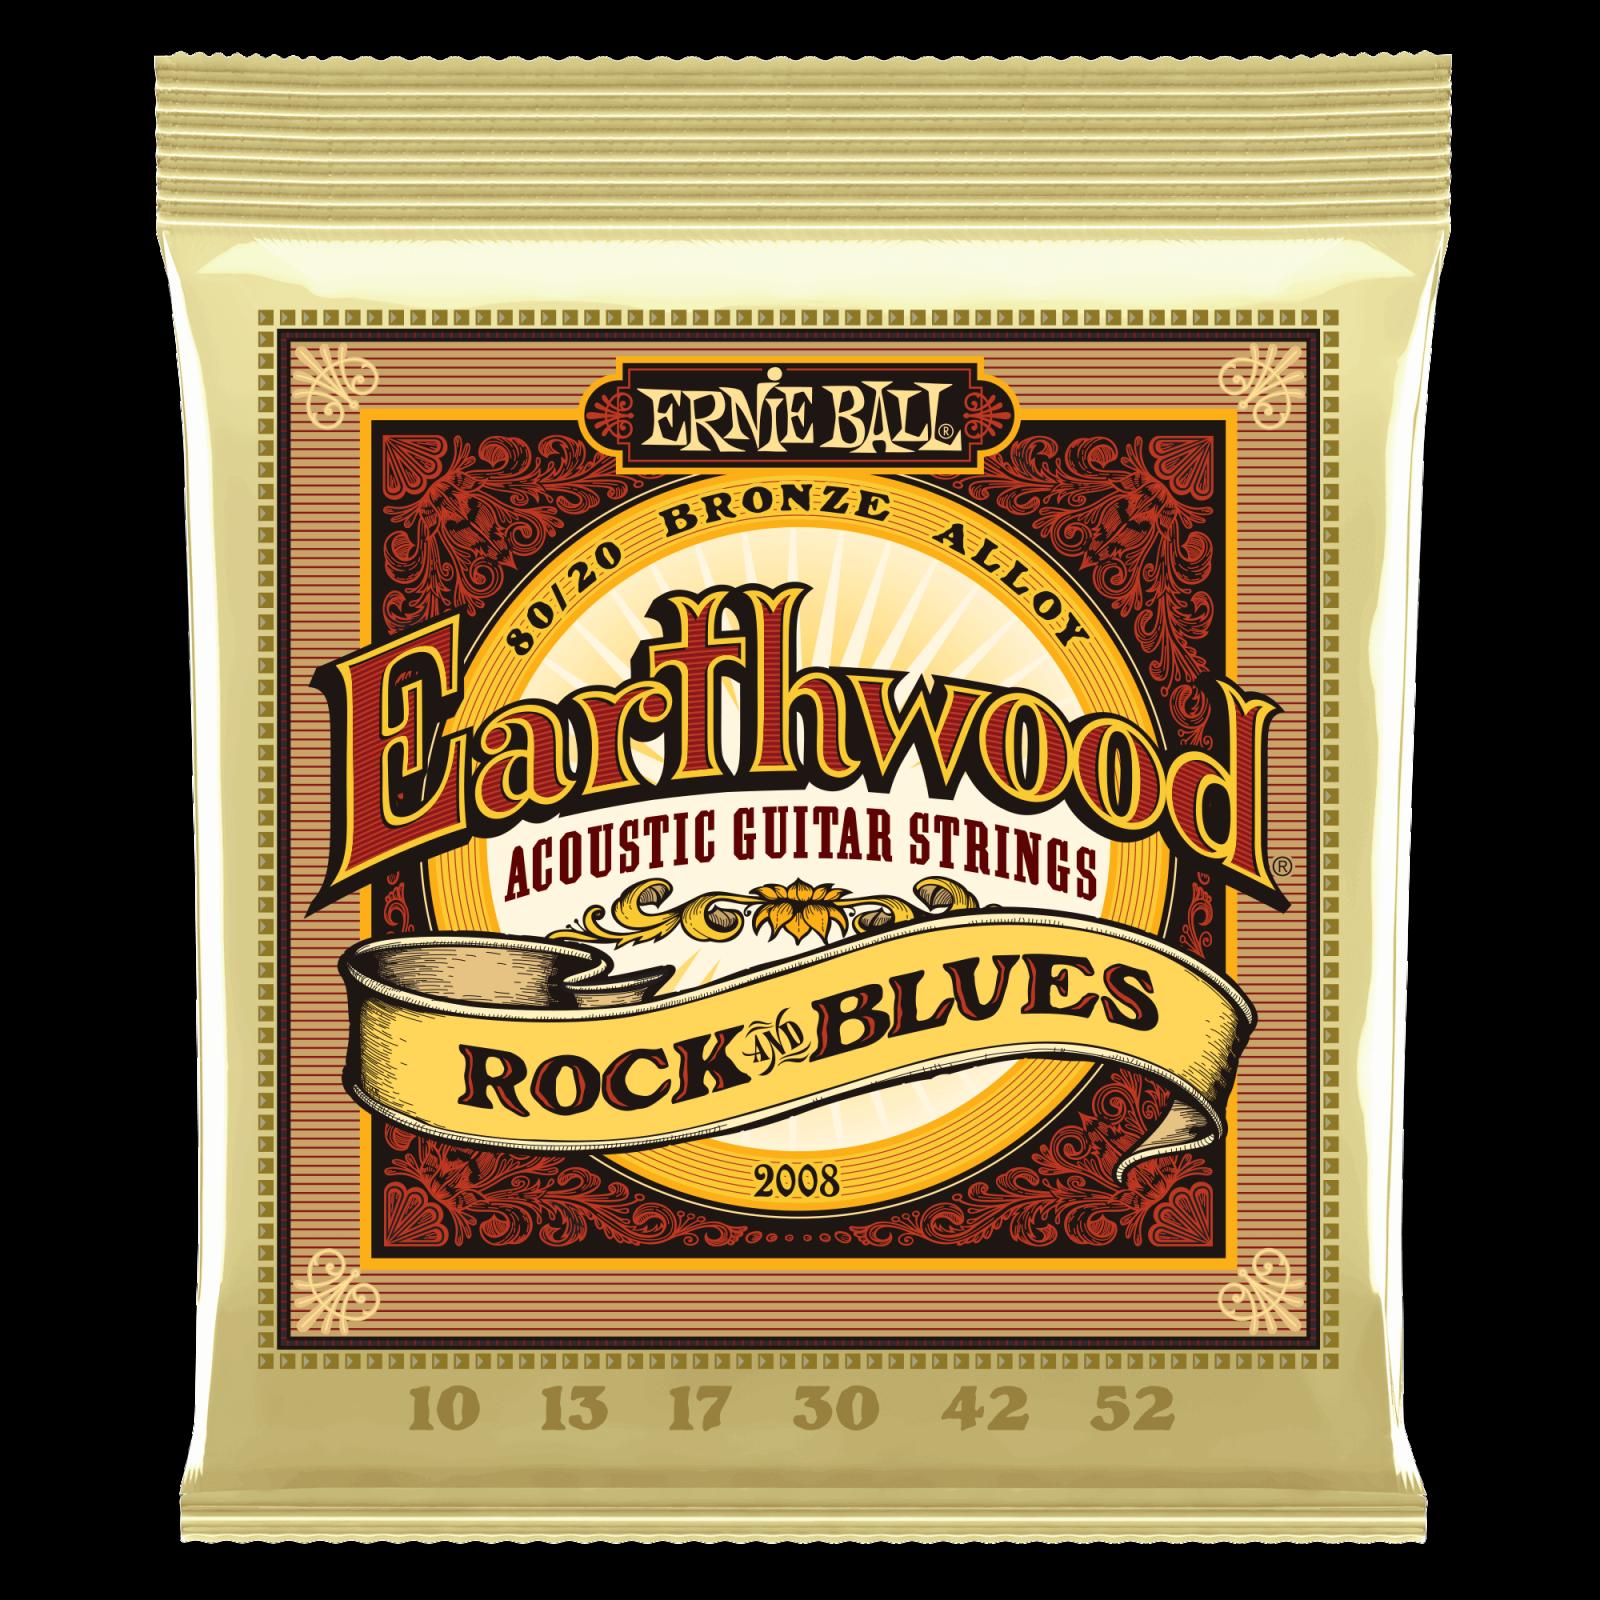 Ernie Ball Earthwood 80/20 Bronze, Rock 'N Blues Set  2008